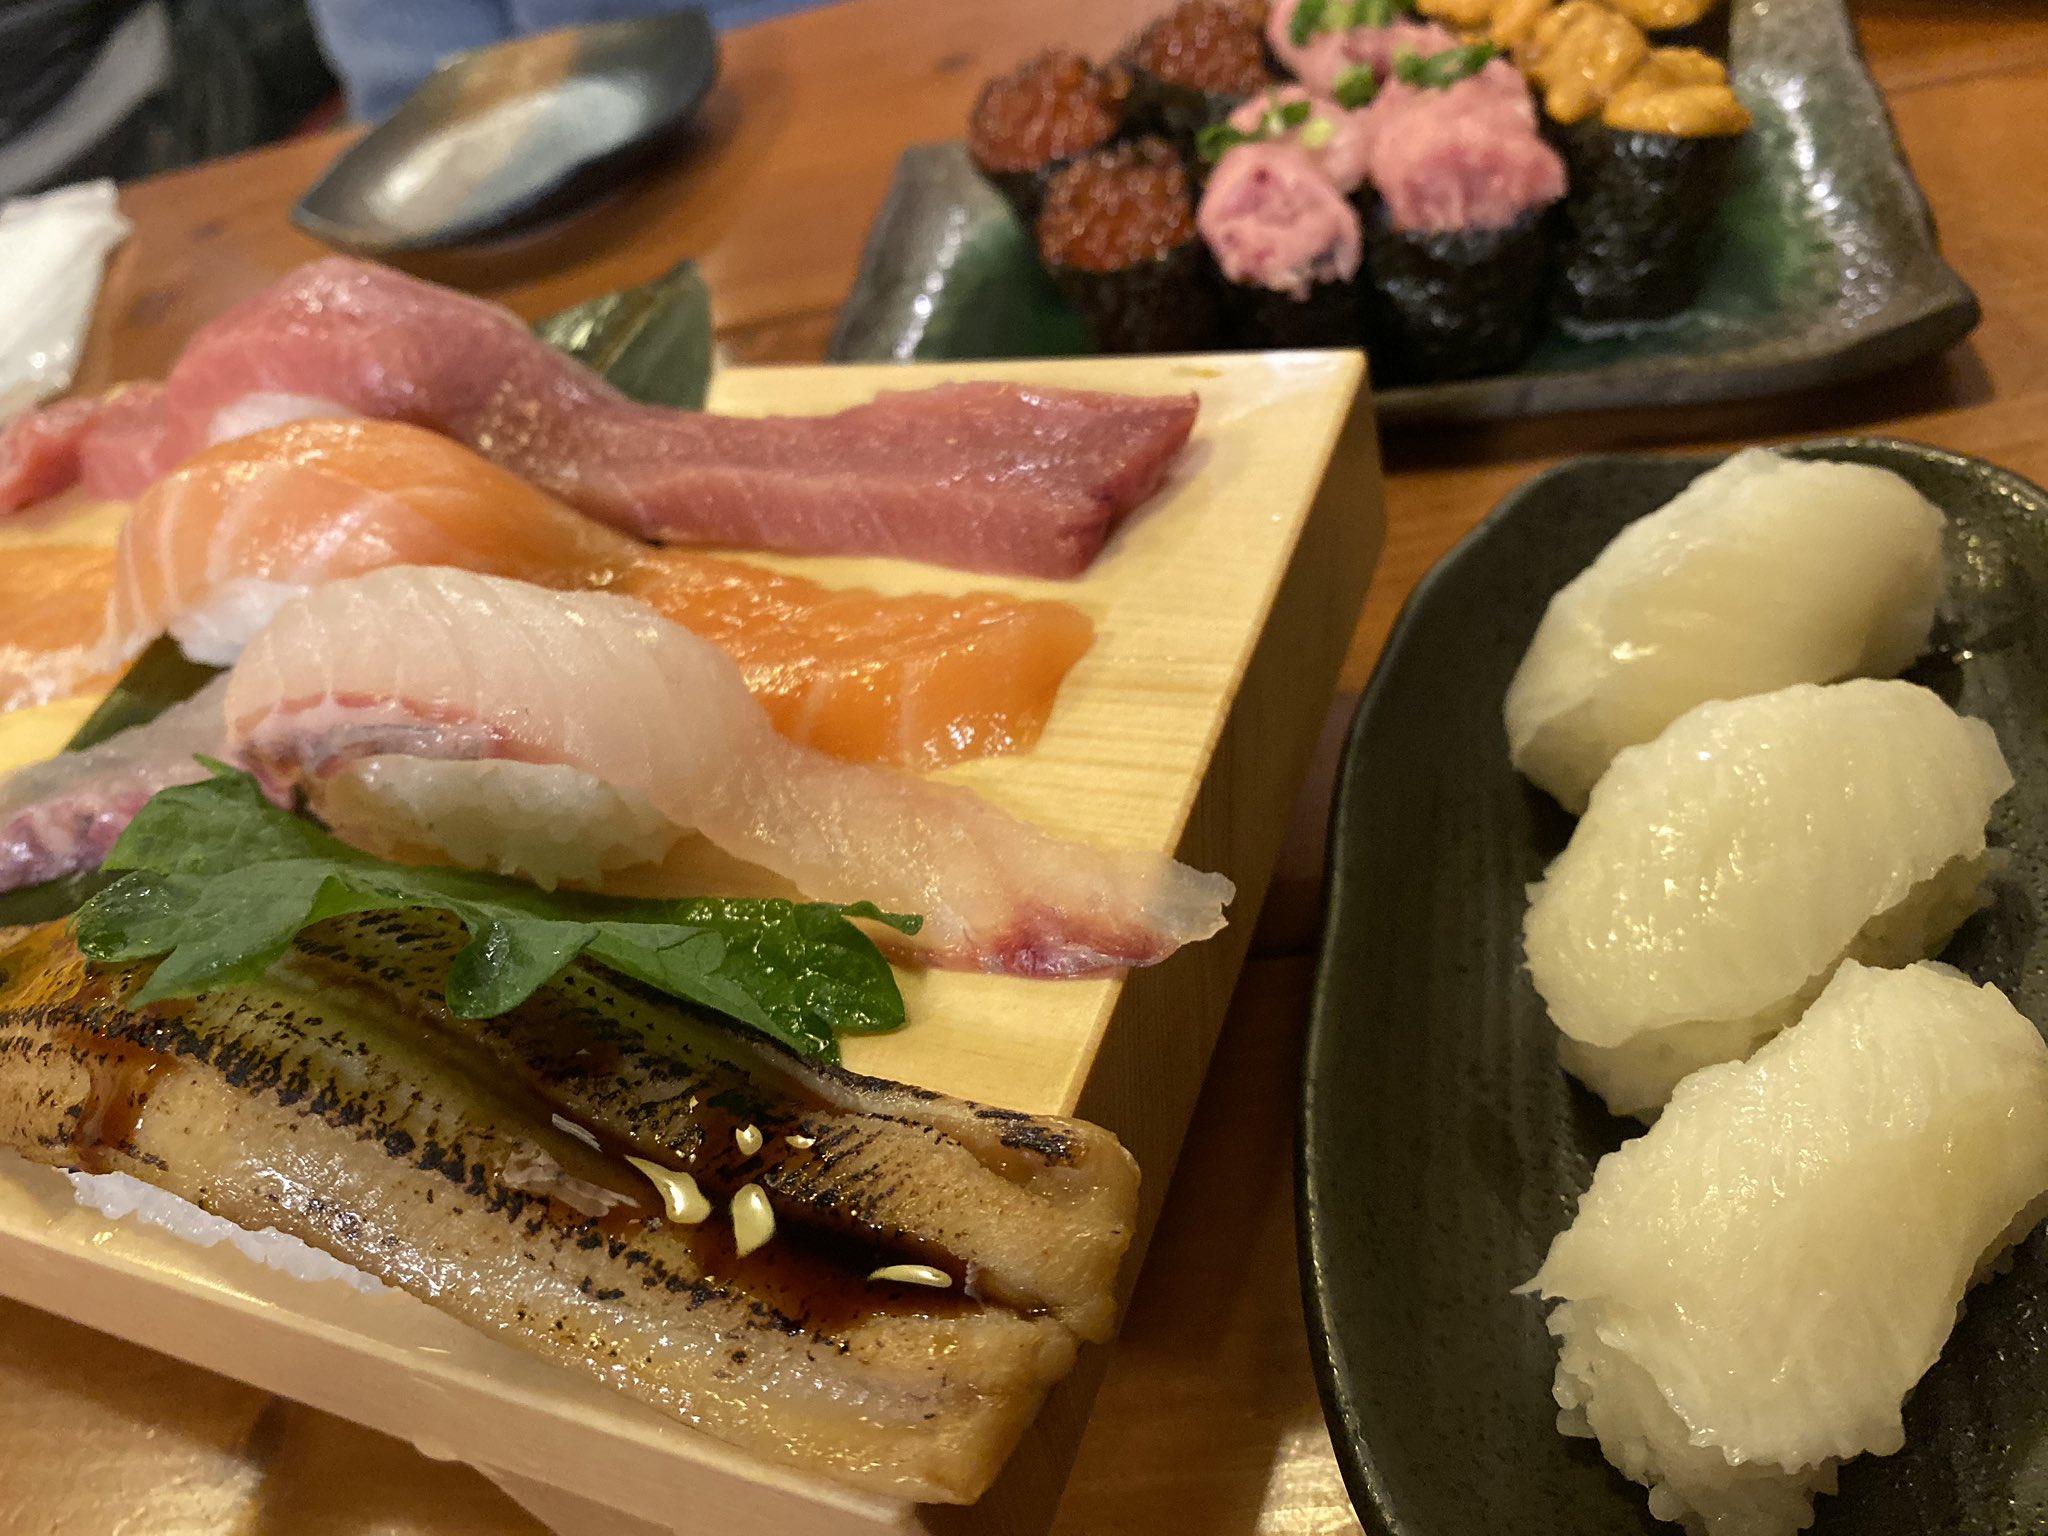 アキバにできた「すし酒場 フジヤマ」が凄い!このボリュームで2時間食べ放題で2999円!